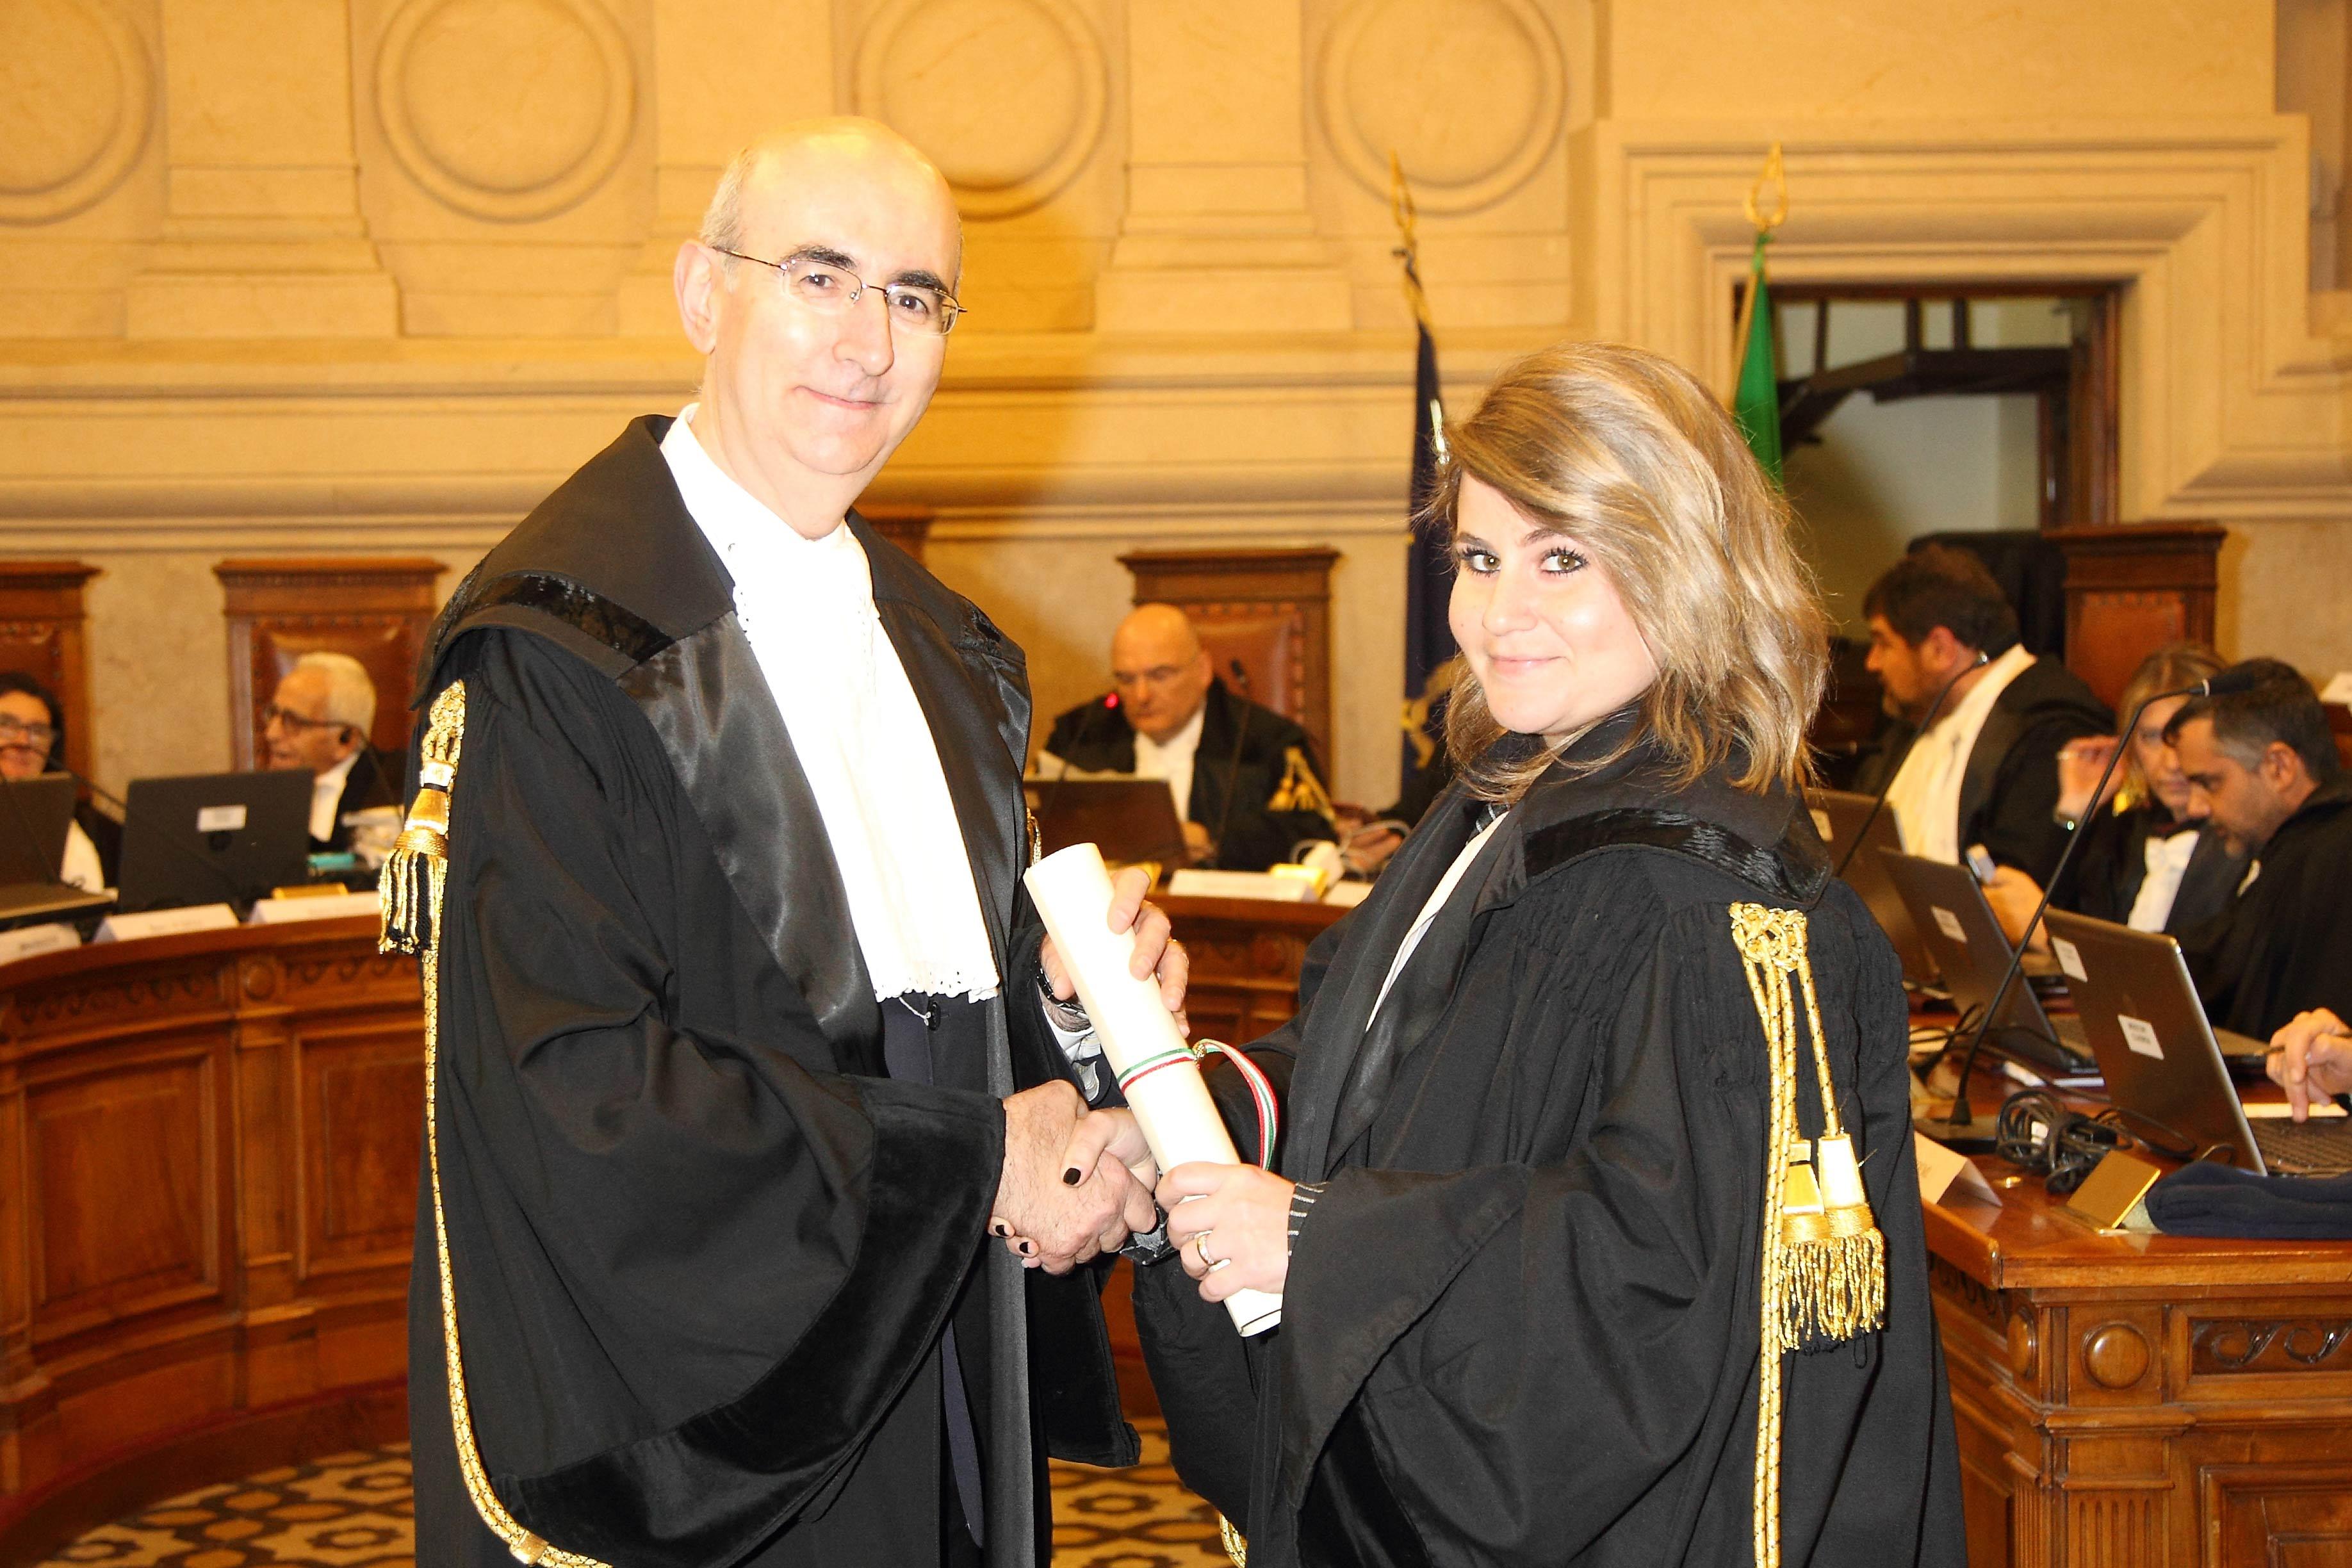 ufficio iscrizioni consiglio ordine avvocati roma: elenco ordini